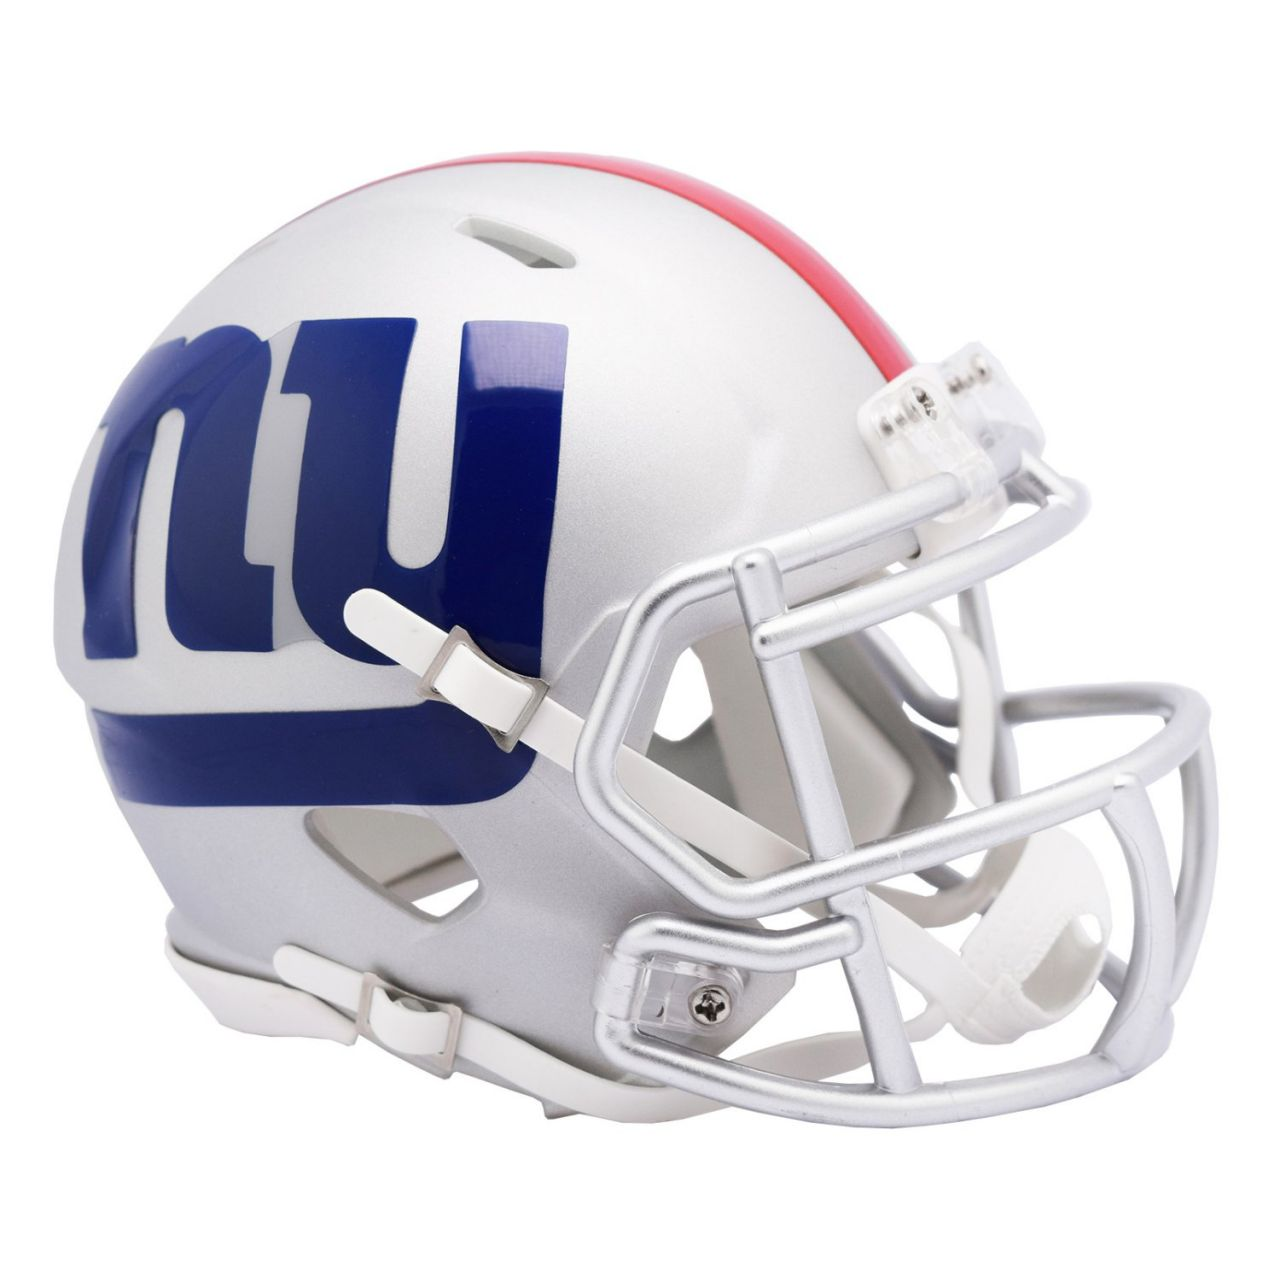 amfoo - Riddell Speed Mini Football Helm - NFL AMP New York Giants